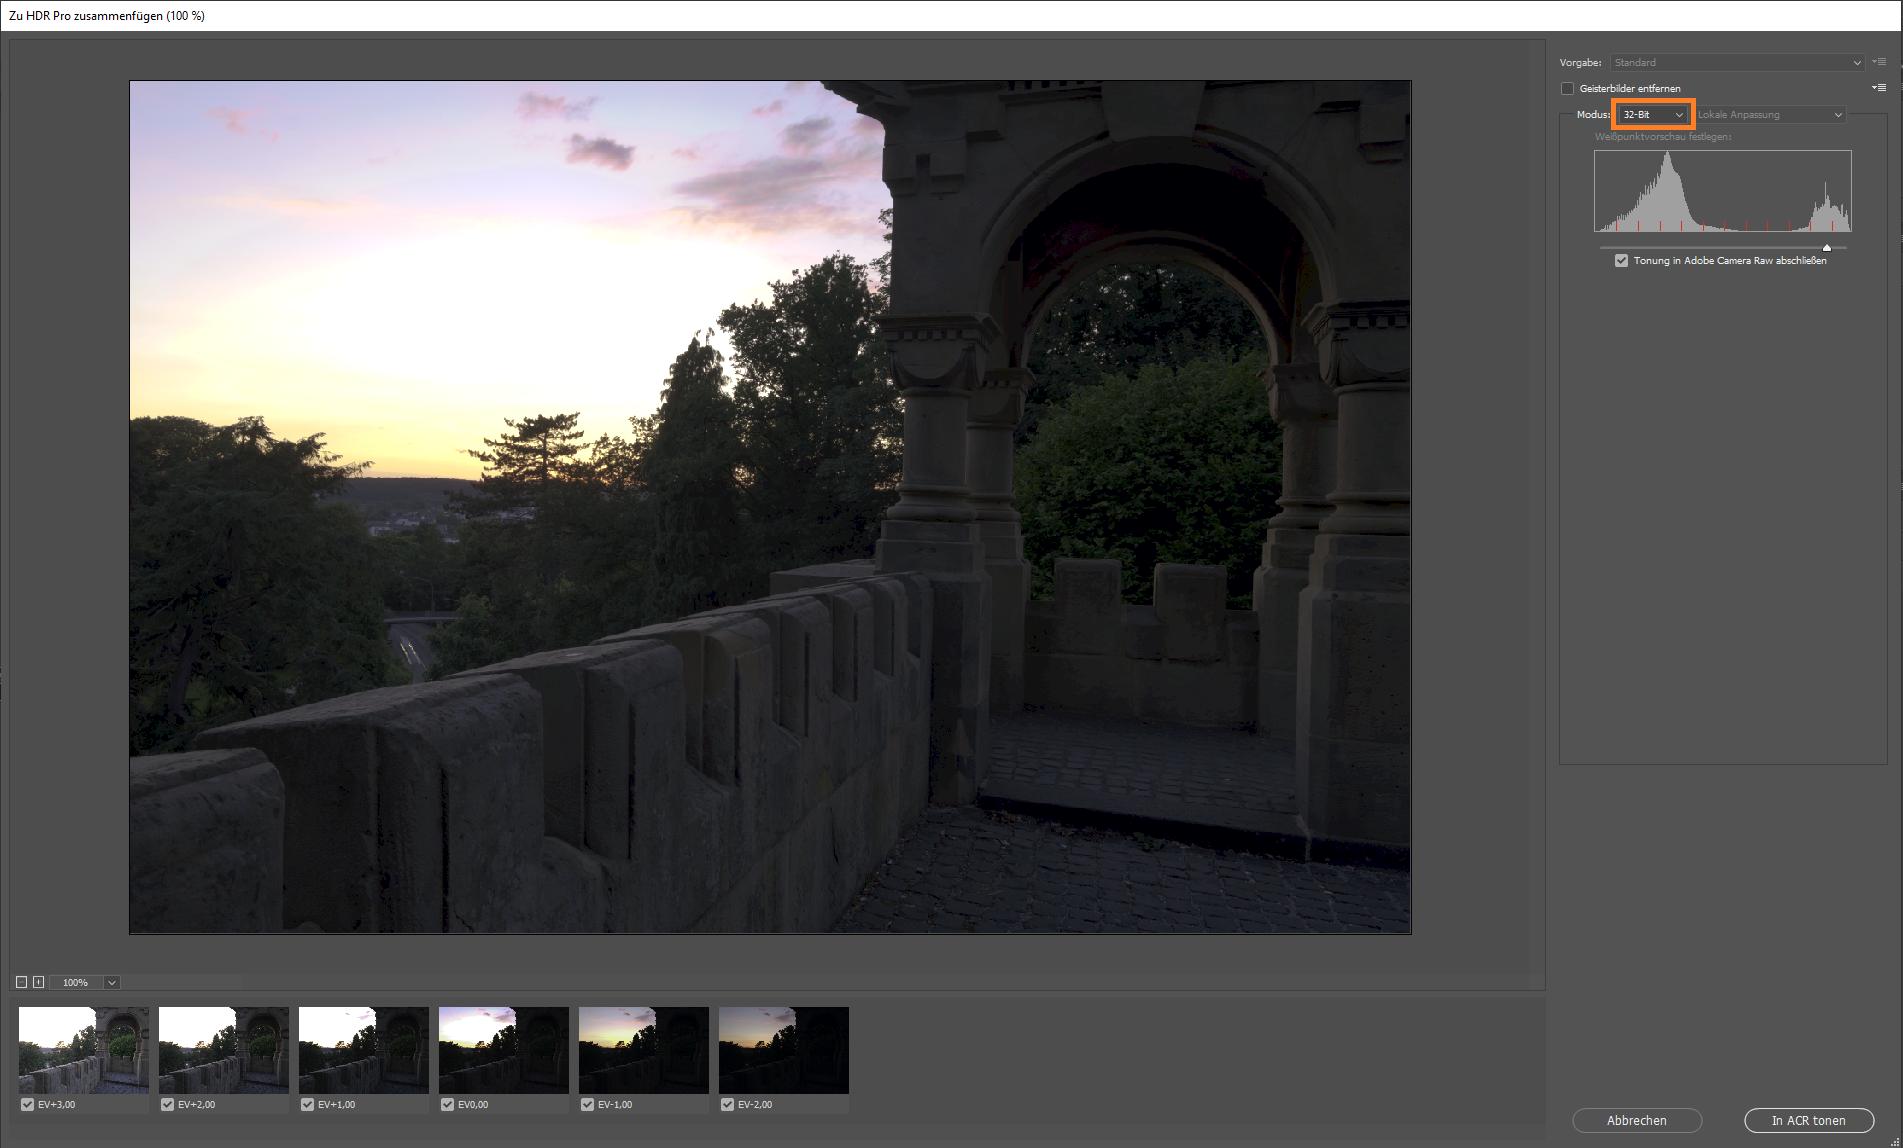 HDR mit Photoshop und Camera Raw erstellen